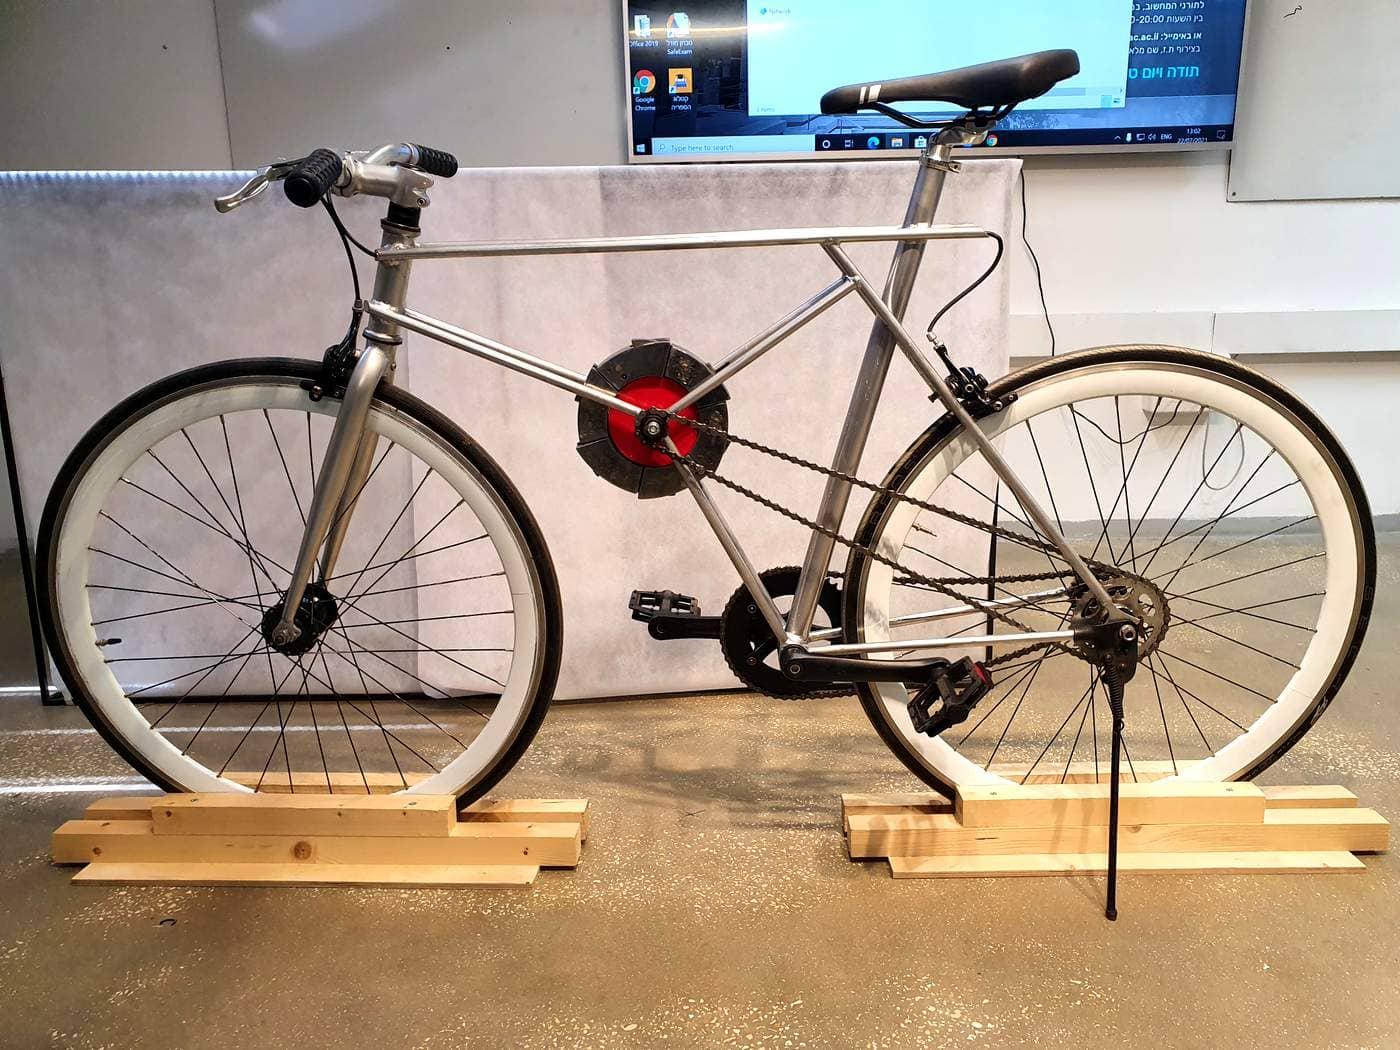 אופניים עם גלגל תנופה